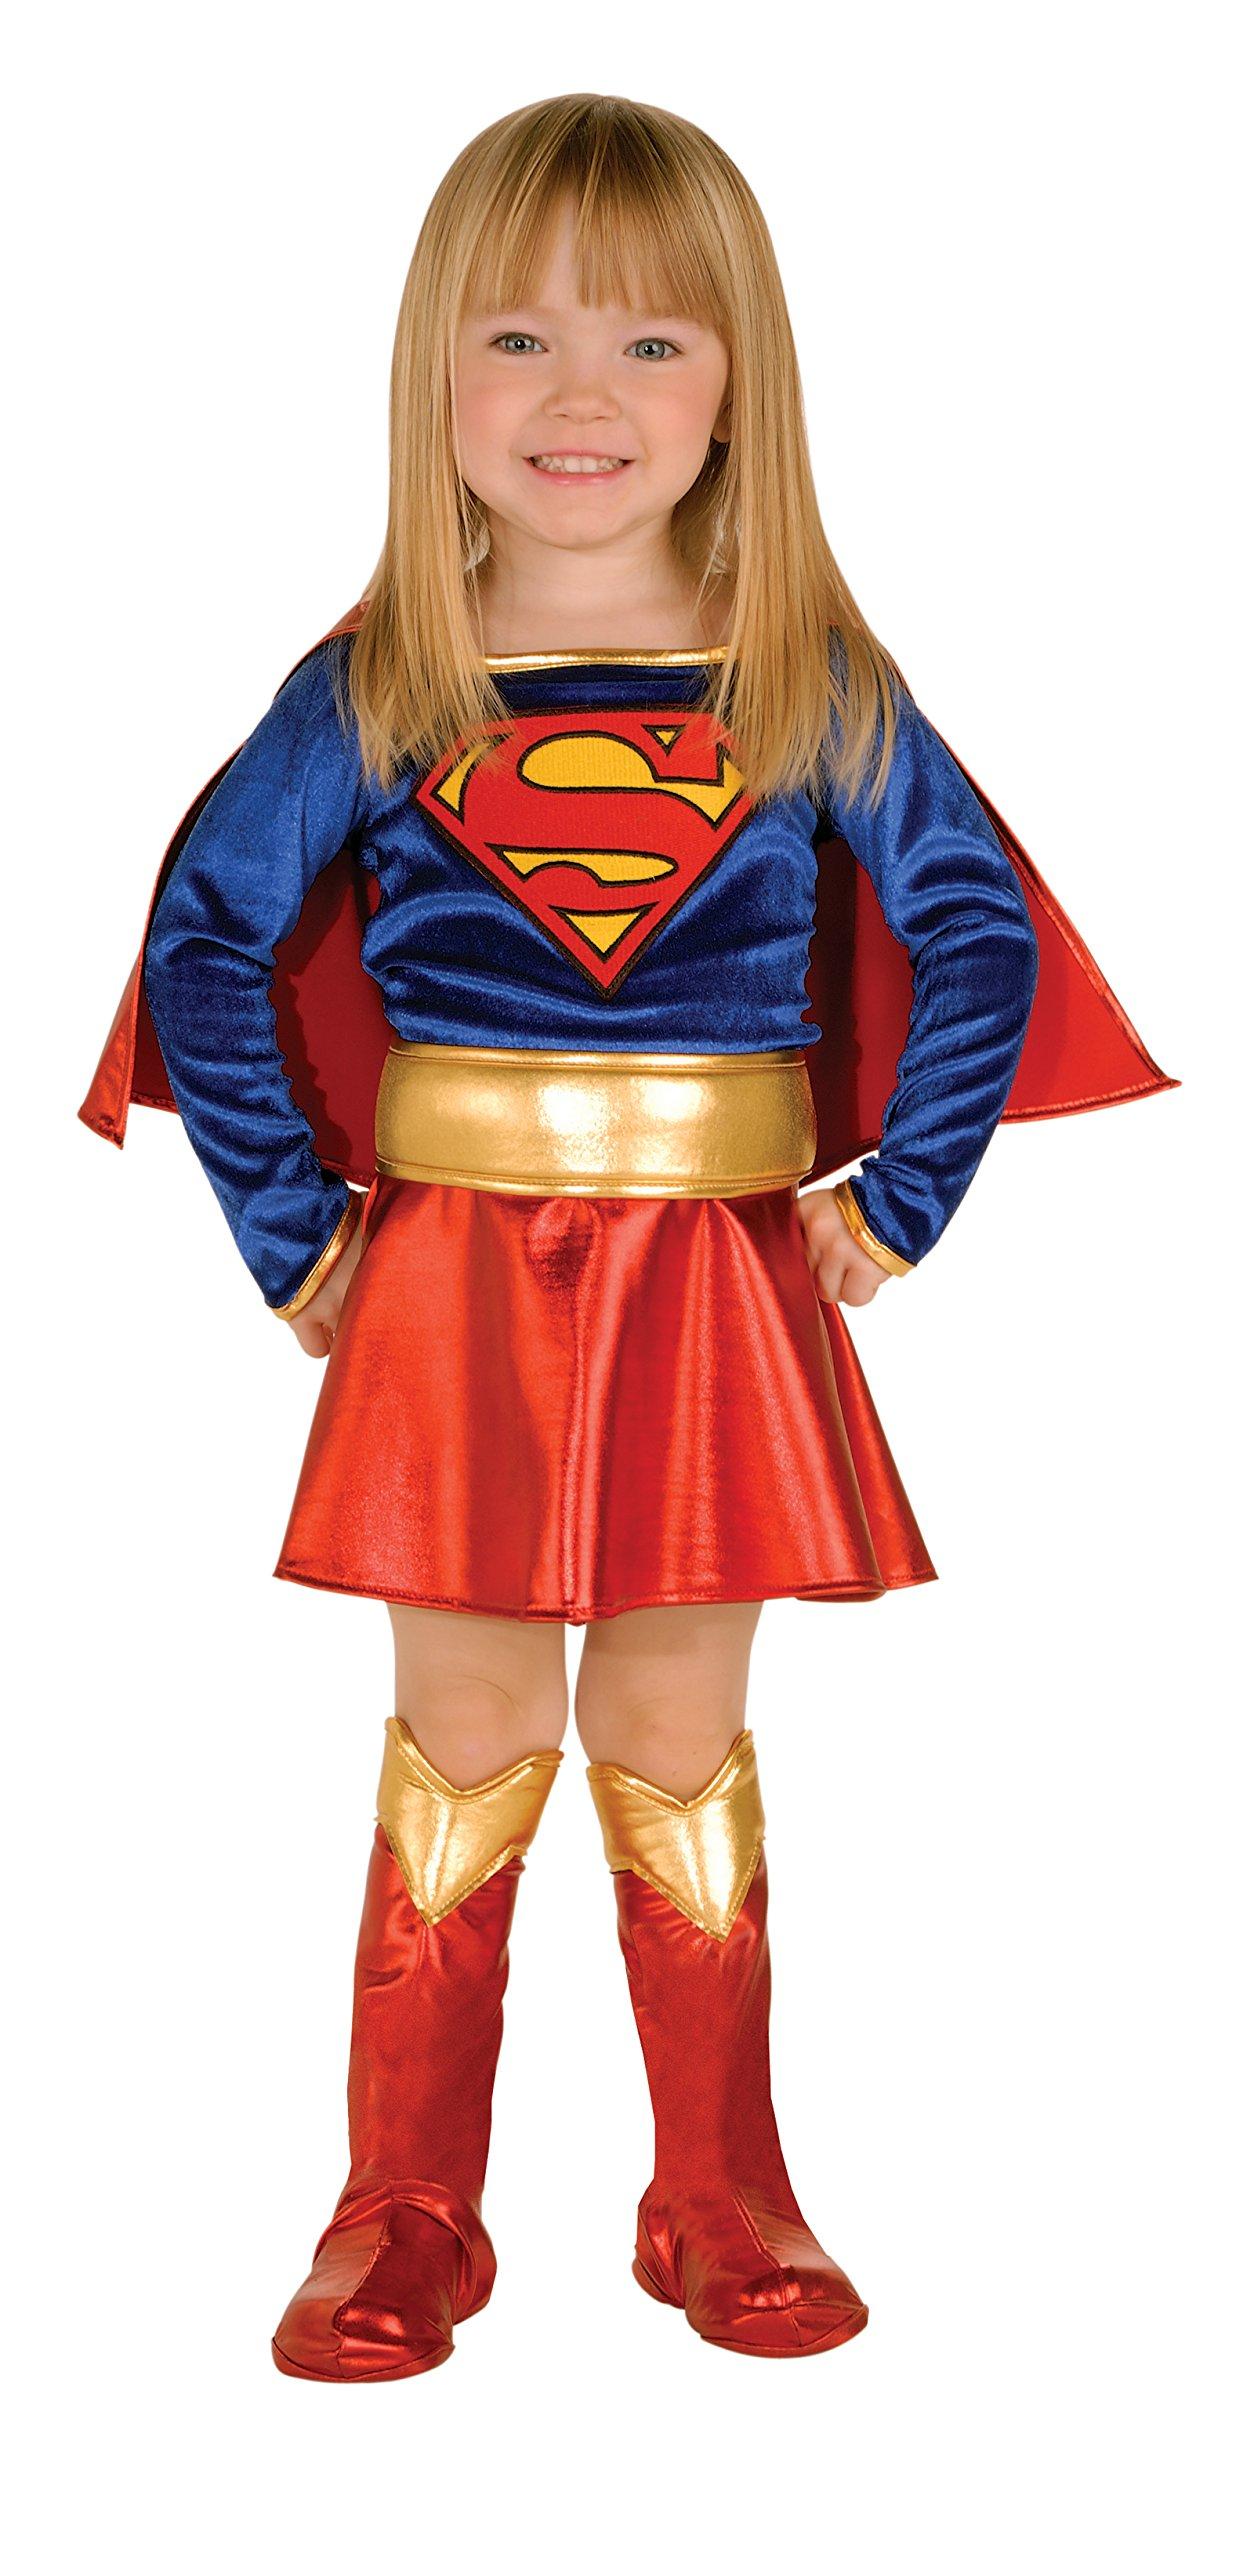 - 81x9JLb zvL - Child Supergirl Costume Deluxe Child Super Girl Costume 882314